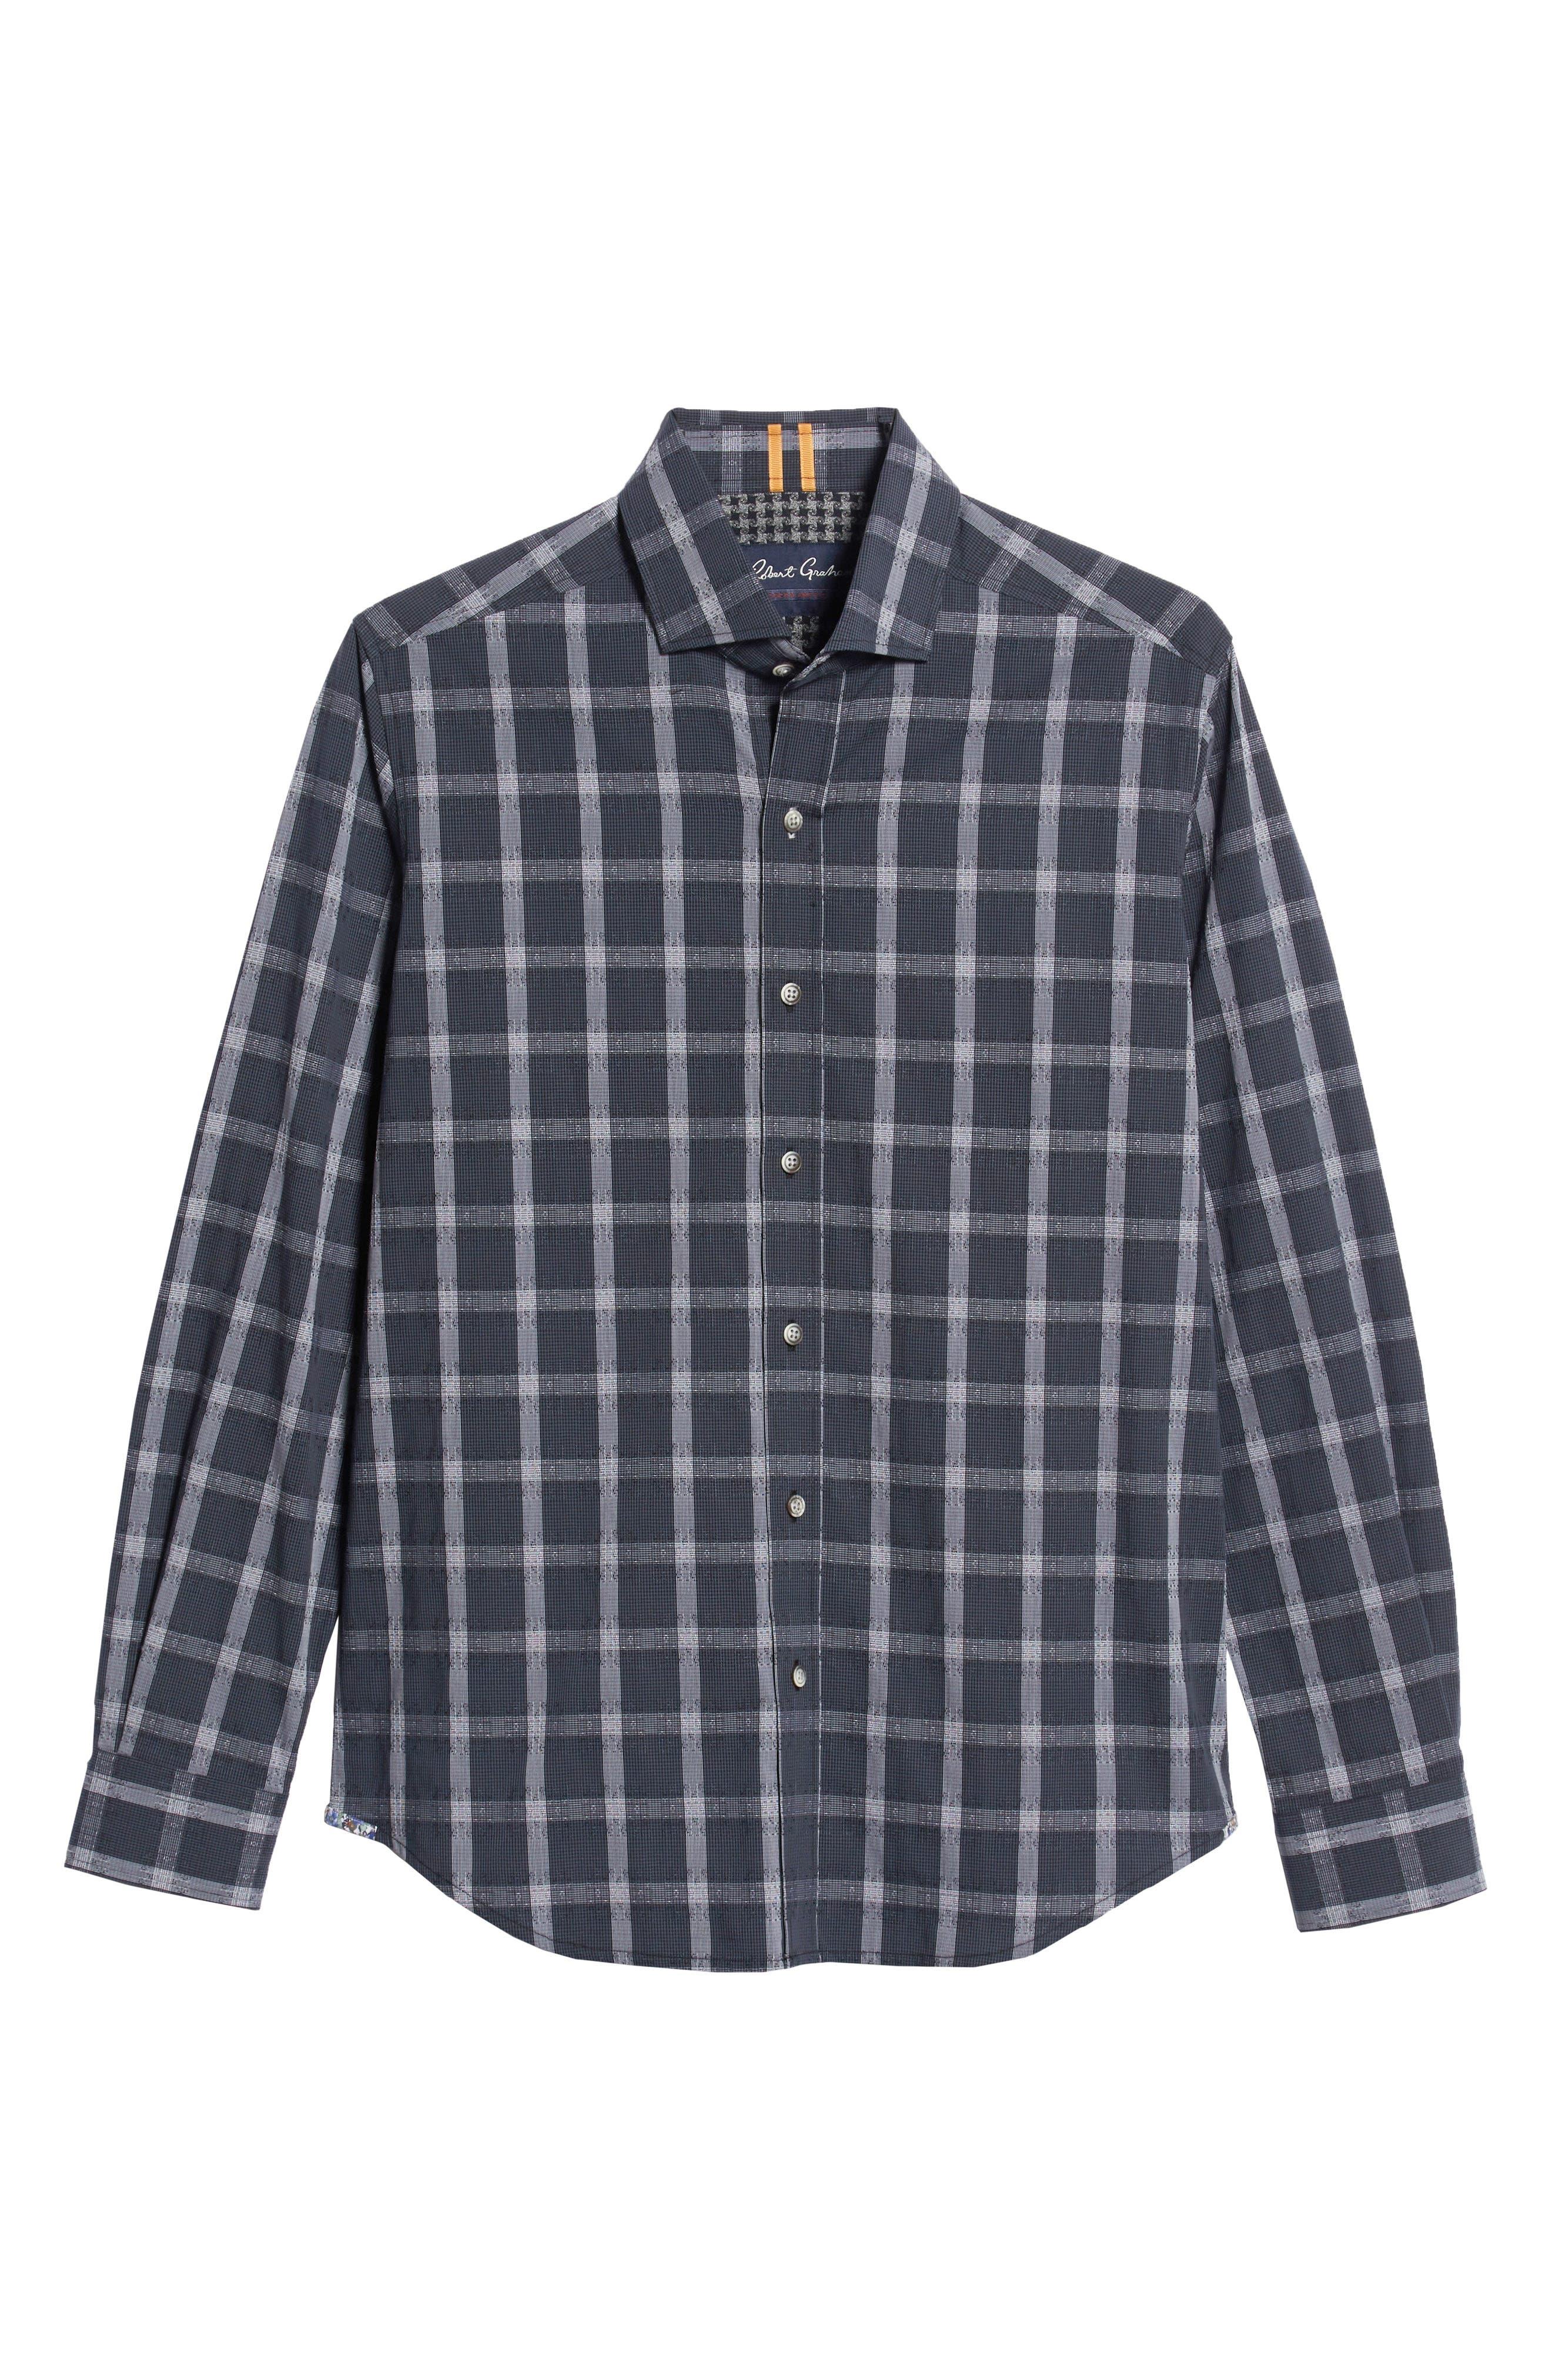 Jenson Tailored Fit Sport Shirt,                             Alternate thumbnail 5, color,                             BLACK